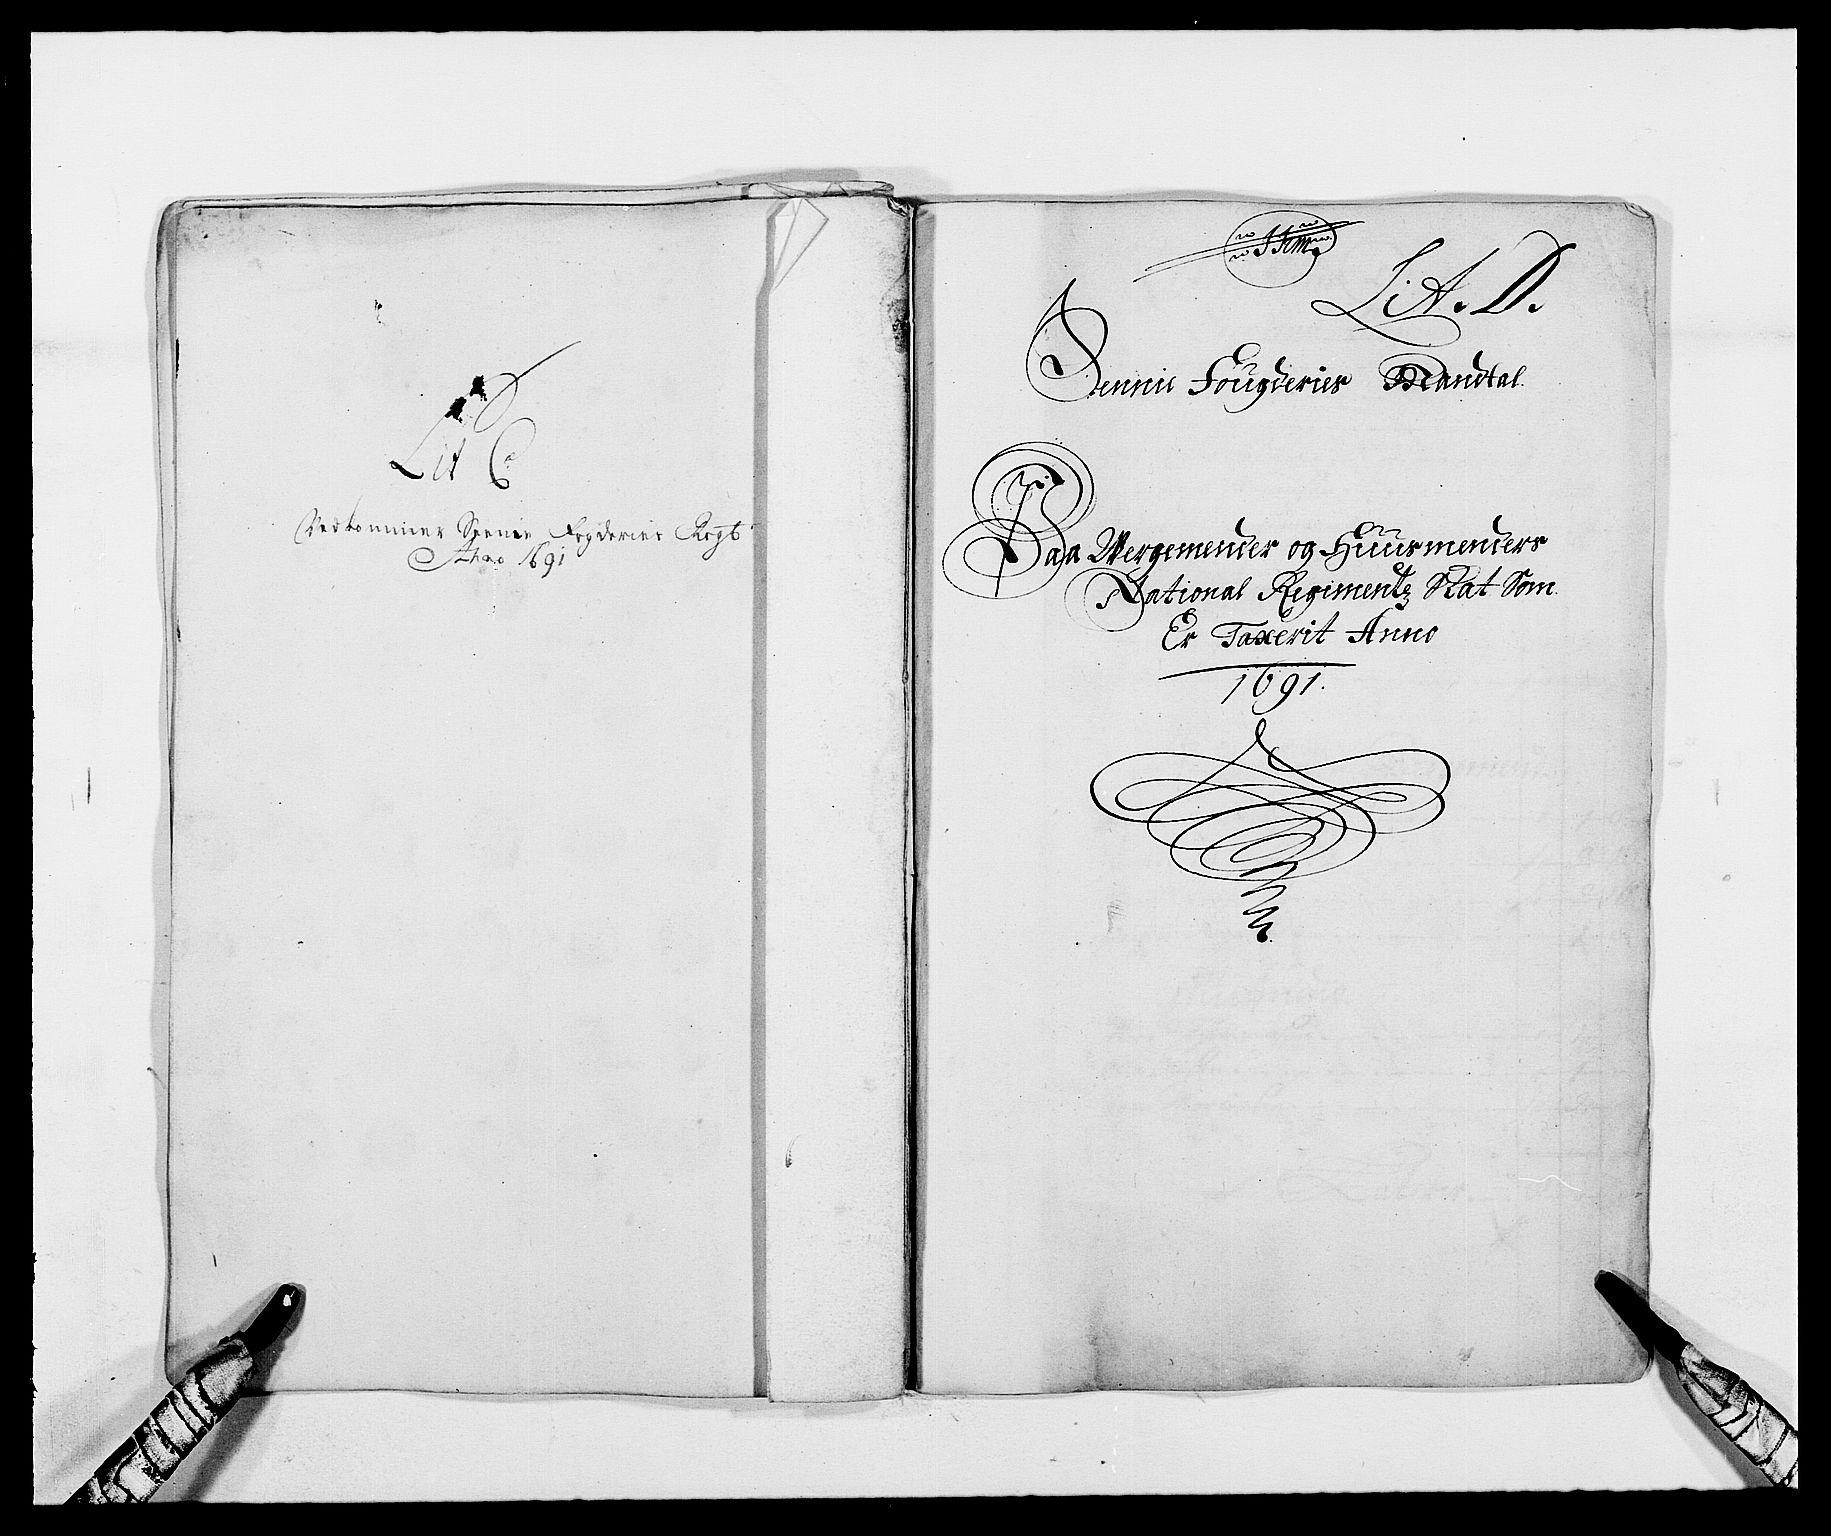 RA, Rentekammeret inntil 1814, Reviderte regnskaper, Fogderegnskap, R68/L4752: Fogderegnskap Senja og Troms, 1691-1693, s. 41